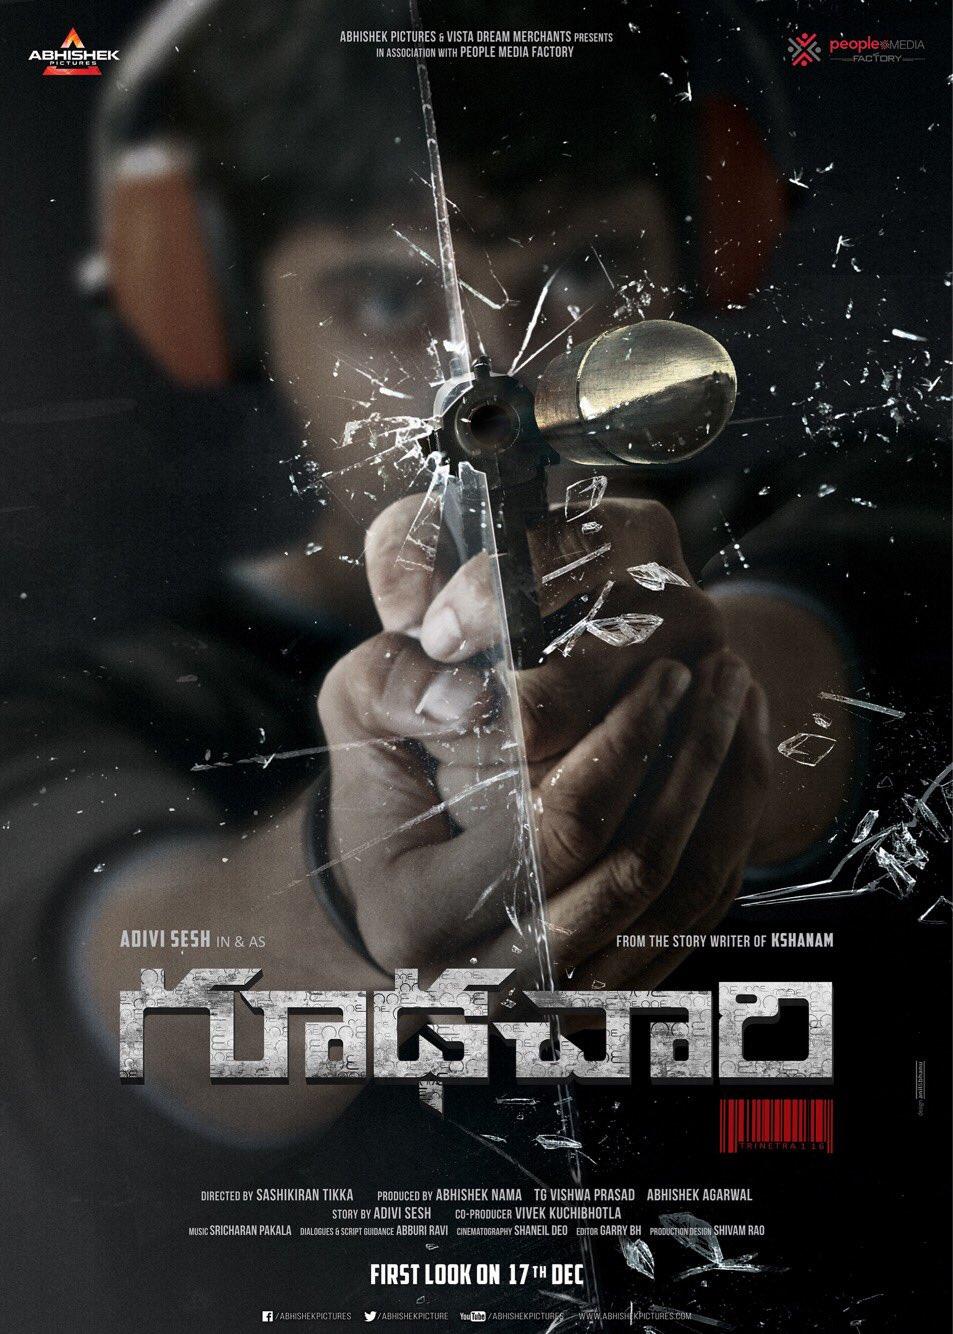 अदिवि सेष और सोभिता धुलिपाला की अगली फिल्म का पोस्टर रिलीज